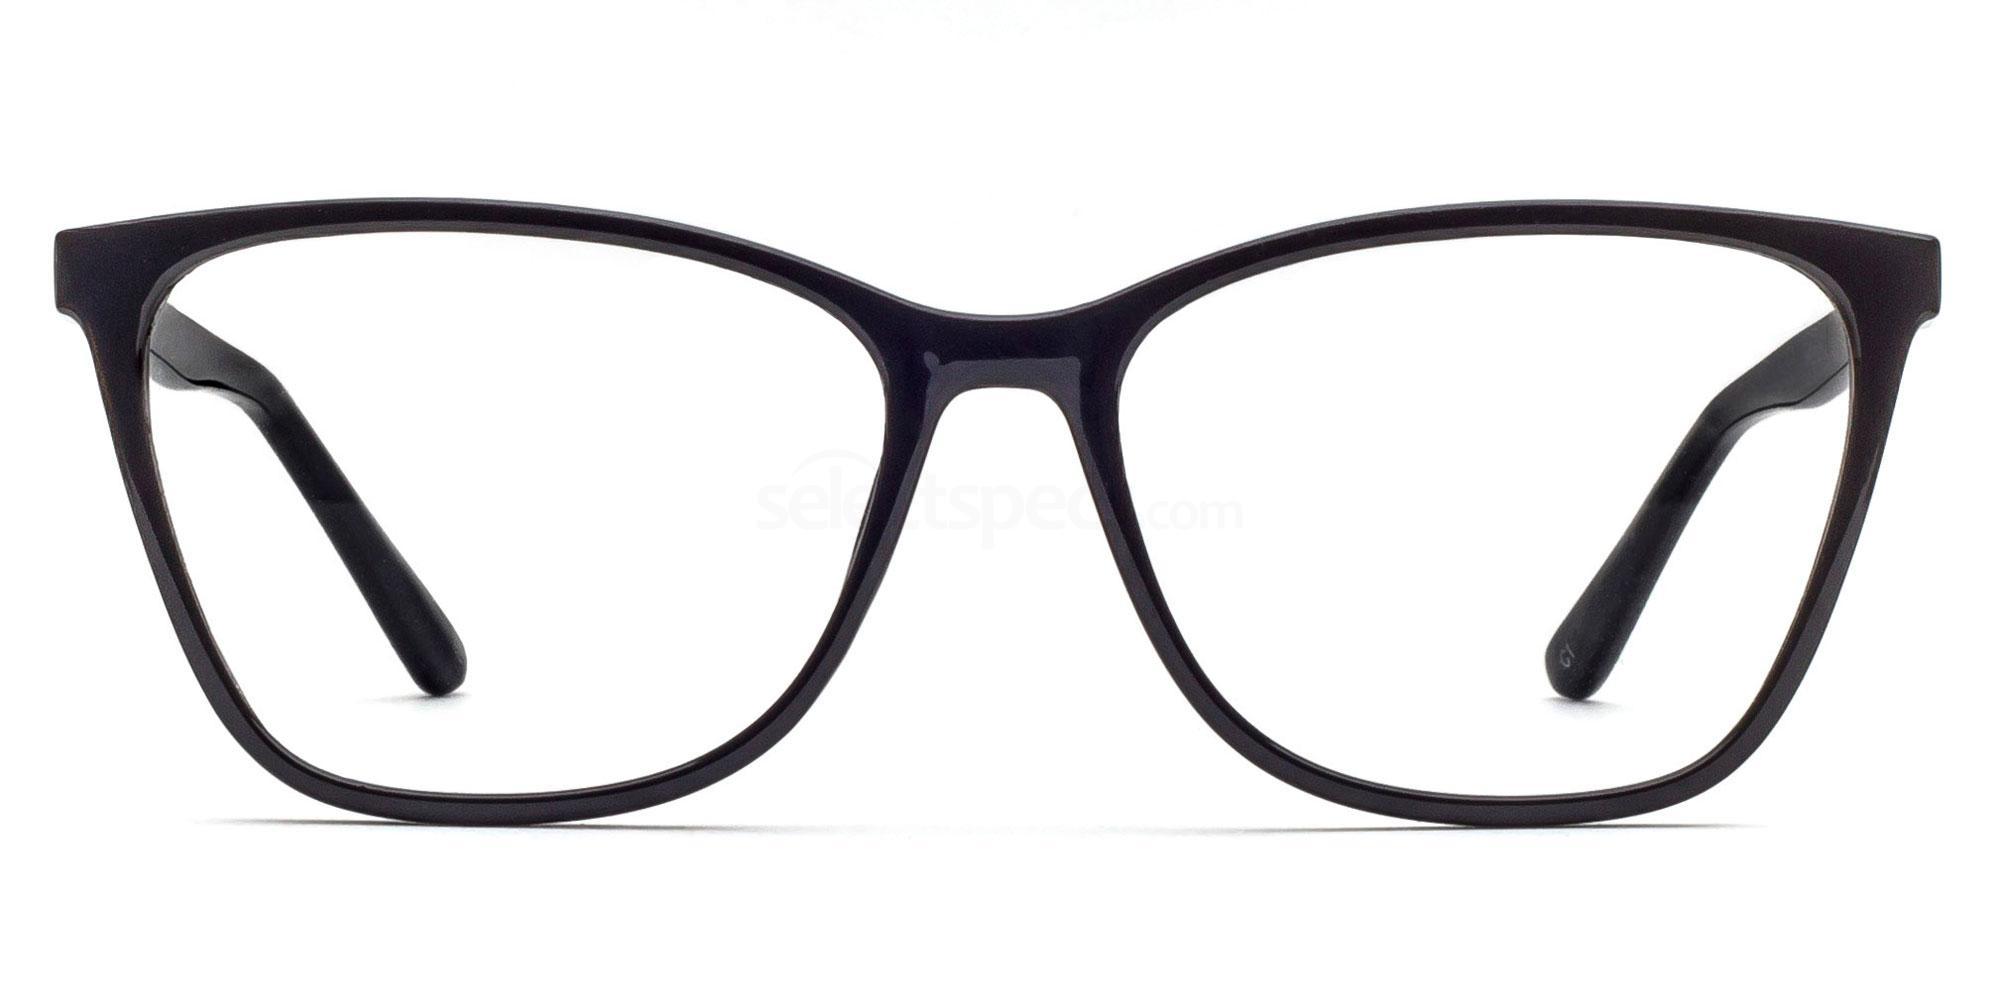 C1 9128 Glasses, Savannah